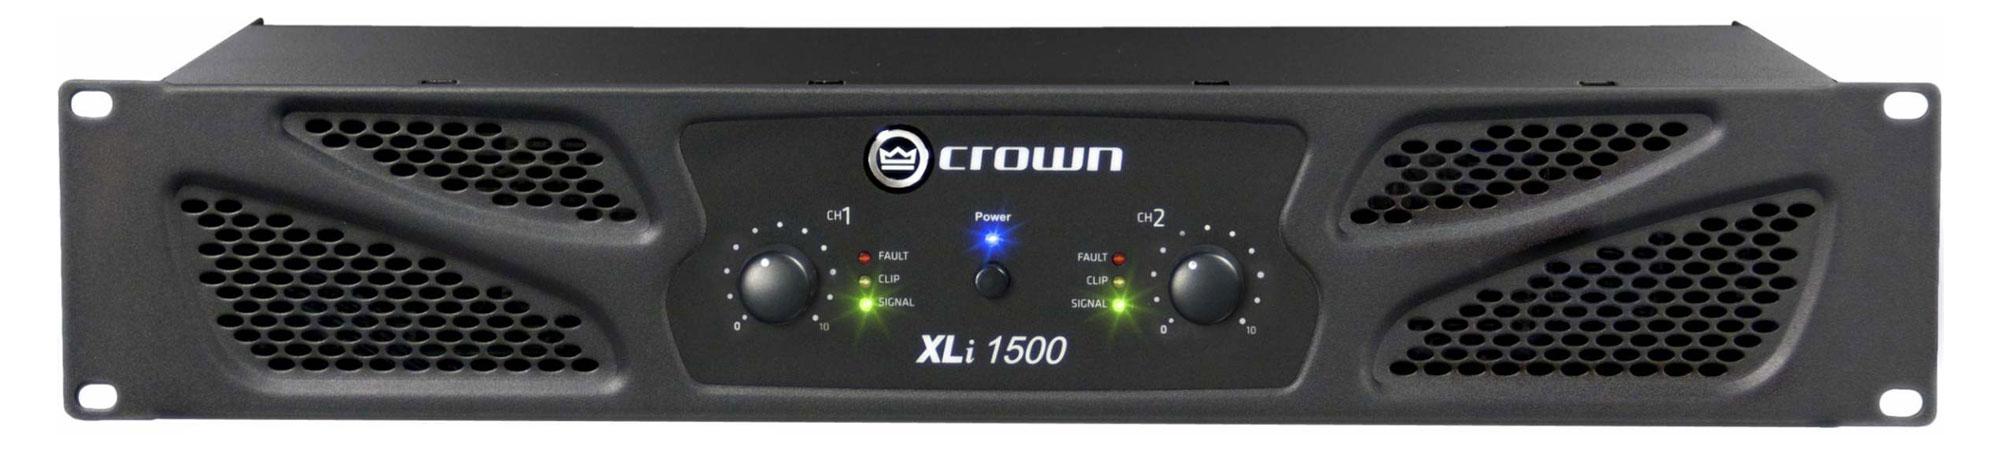 Paendstufen - Crown XLi 1500 Endstufe - Onlineshop Musikhaus Kirstein